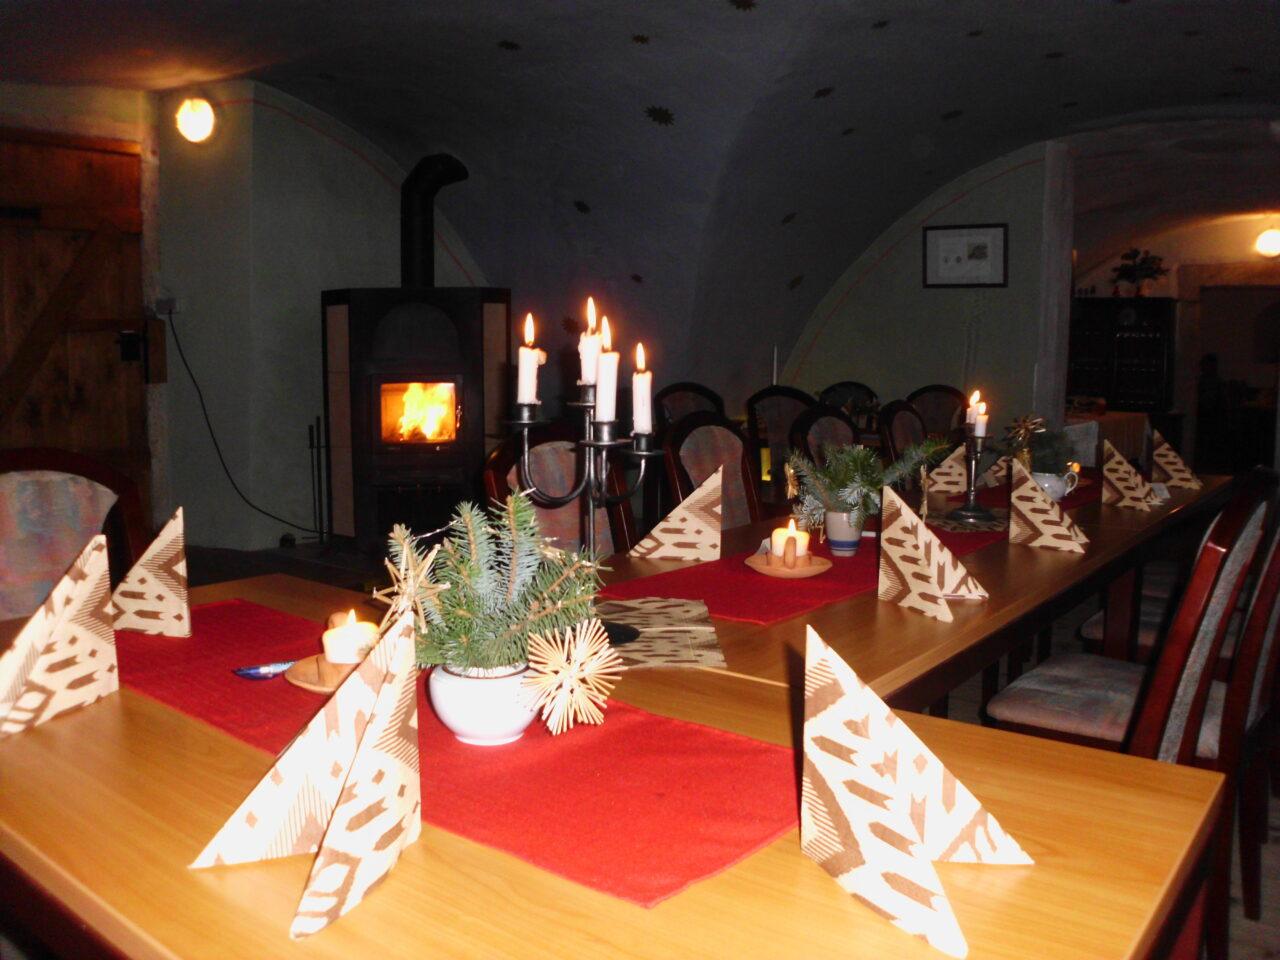 Logenraum weihnachtlich